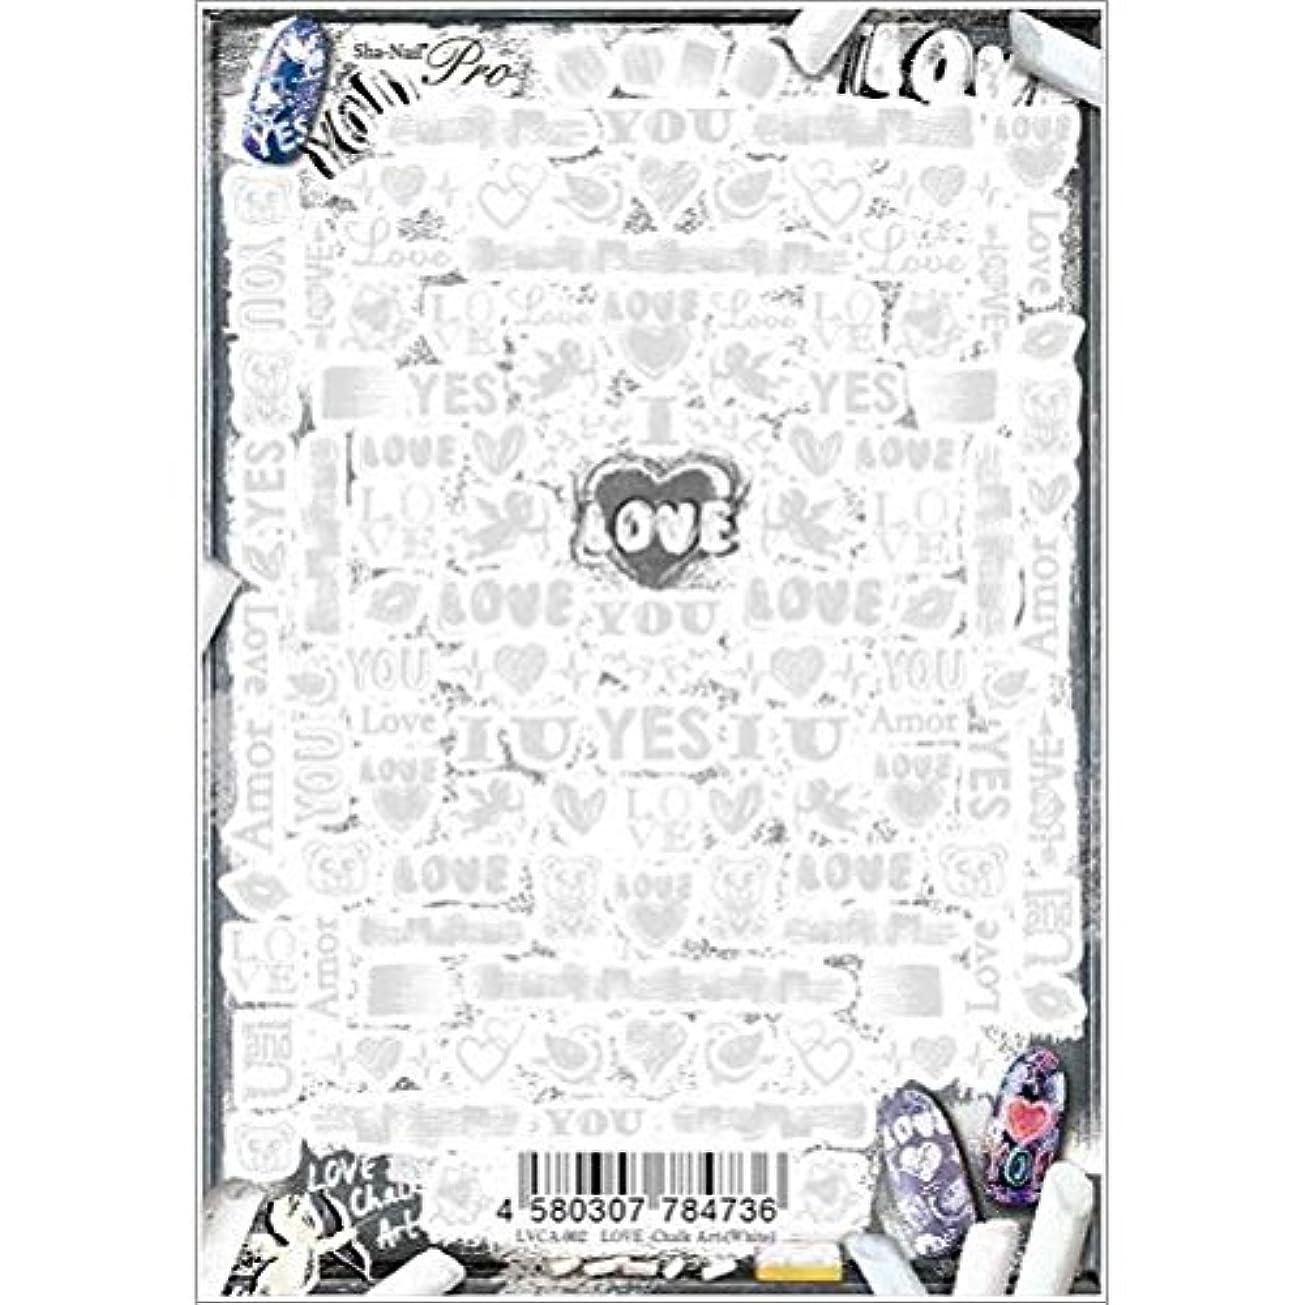 ライオン素晴らしい良い多くのゴミSha-Nail Pro ネイルシール ラブ-チョークアート-(ホワイト) LVCA-002